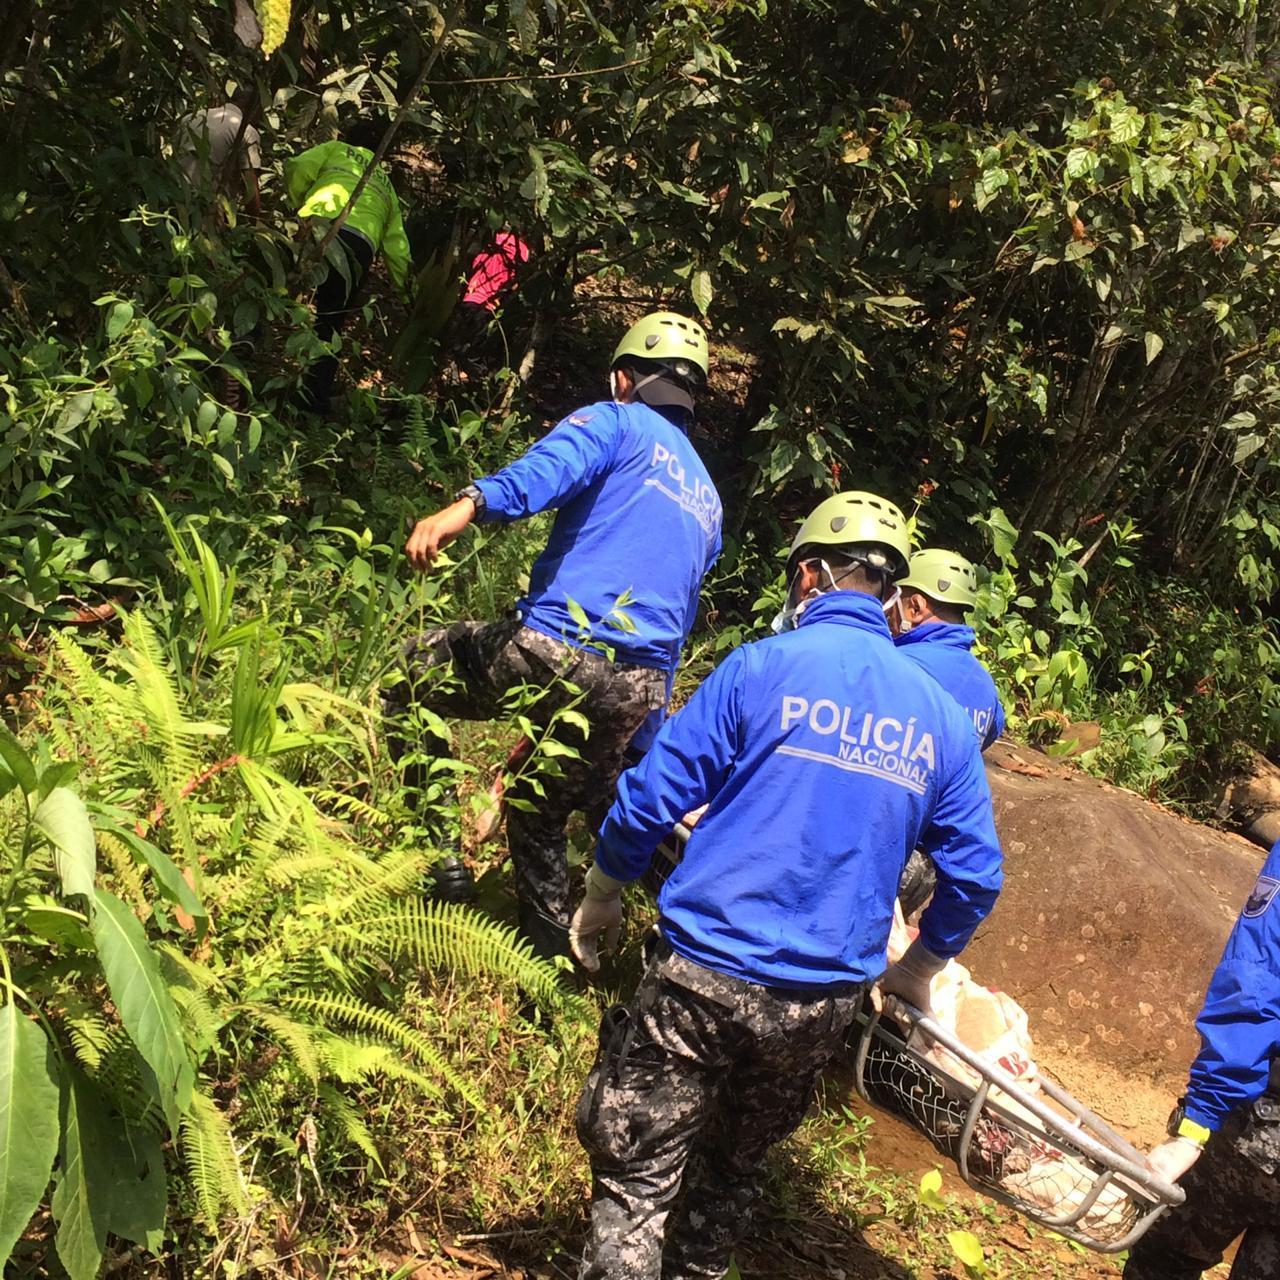 El cuerpo sin vida de un hombre de 37 años apareció en un río del recinto Redención Social